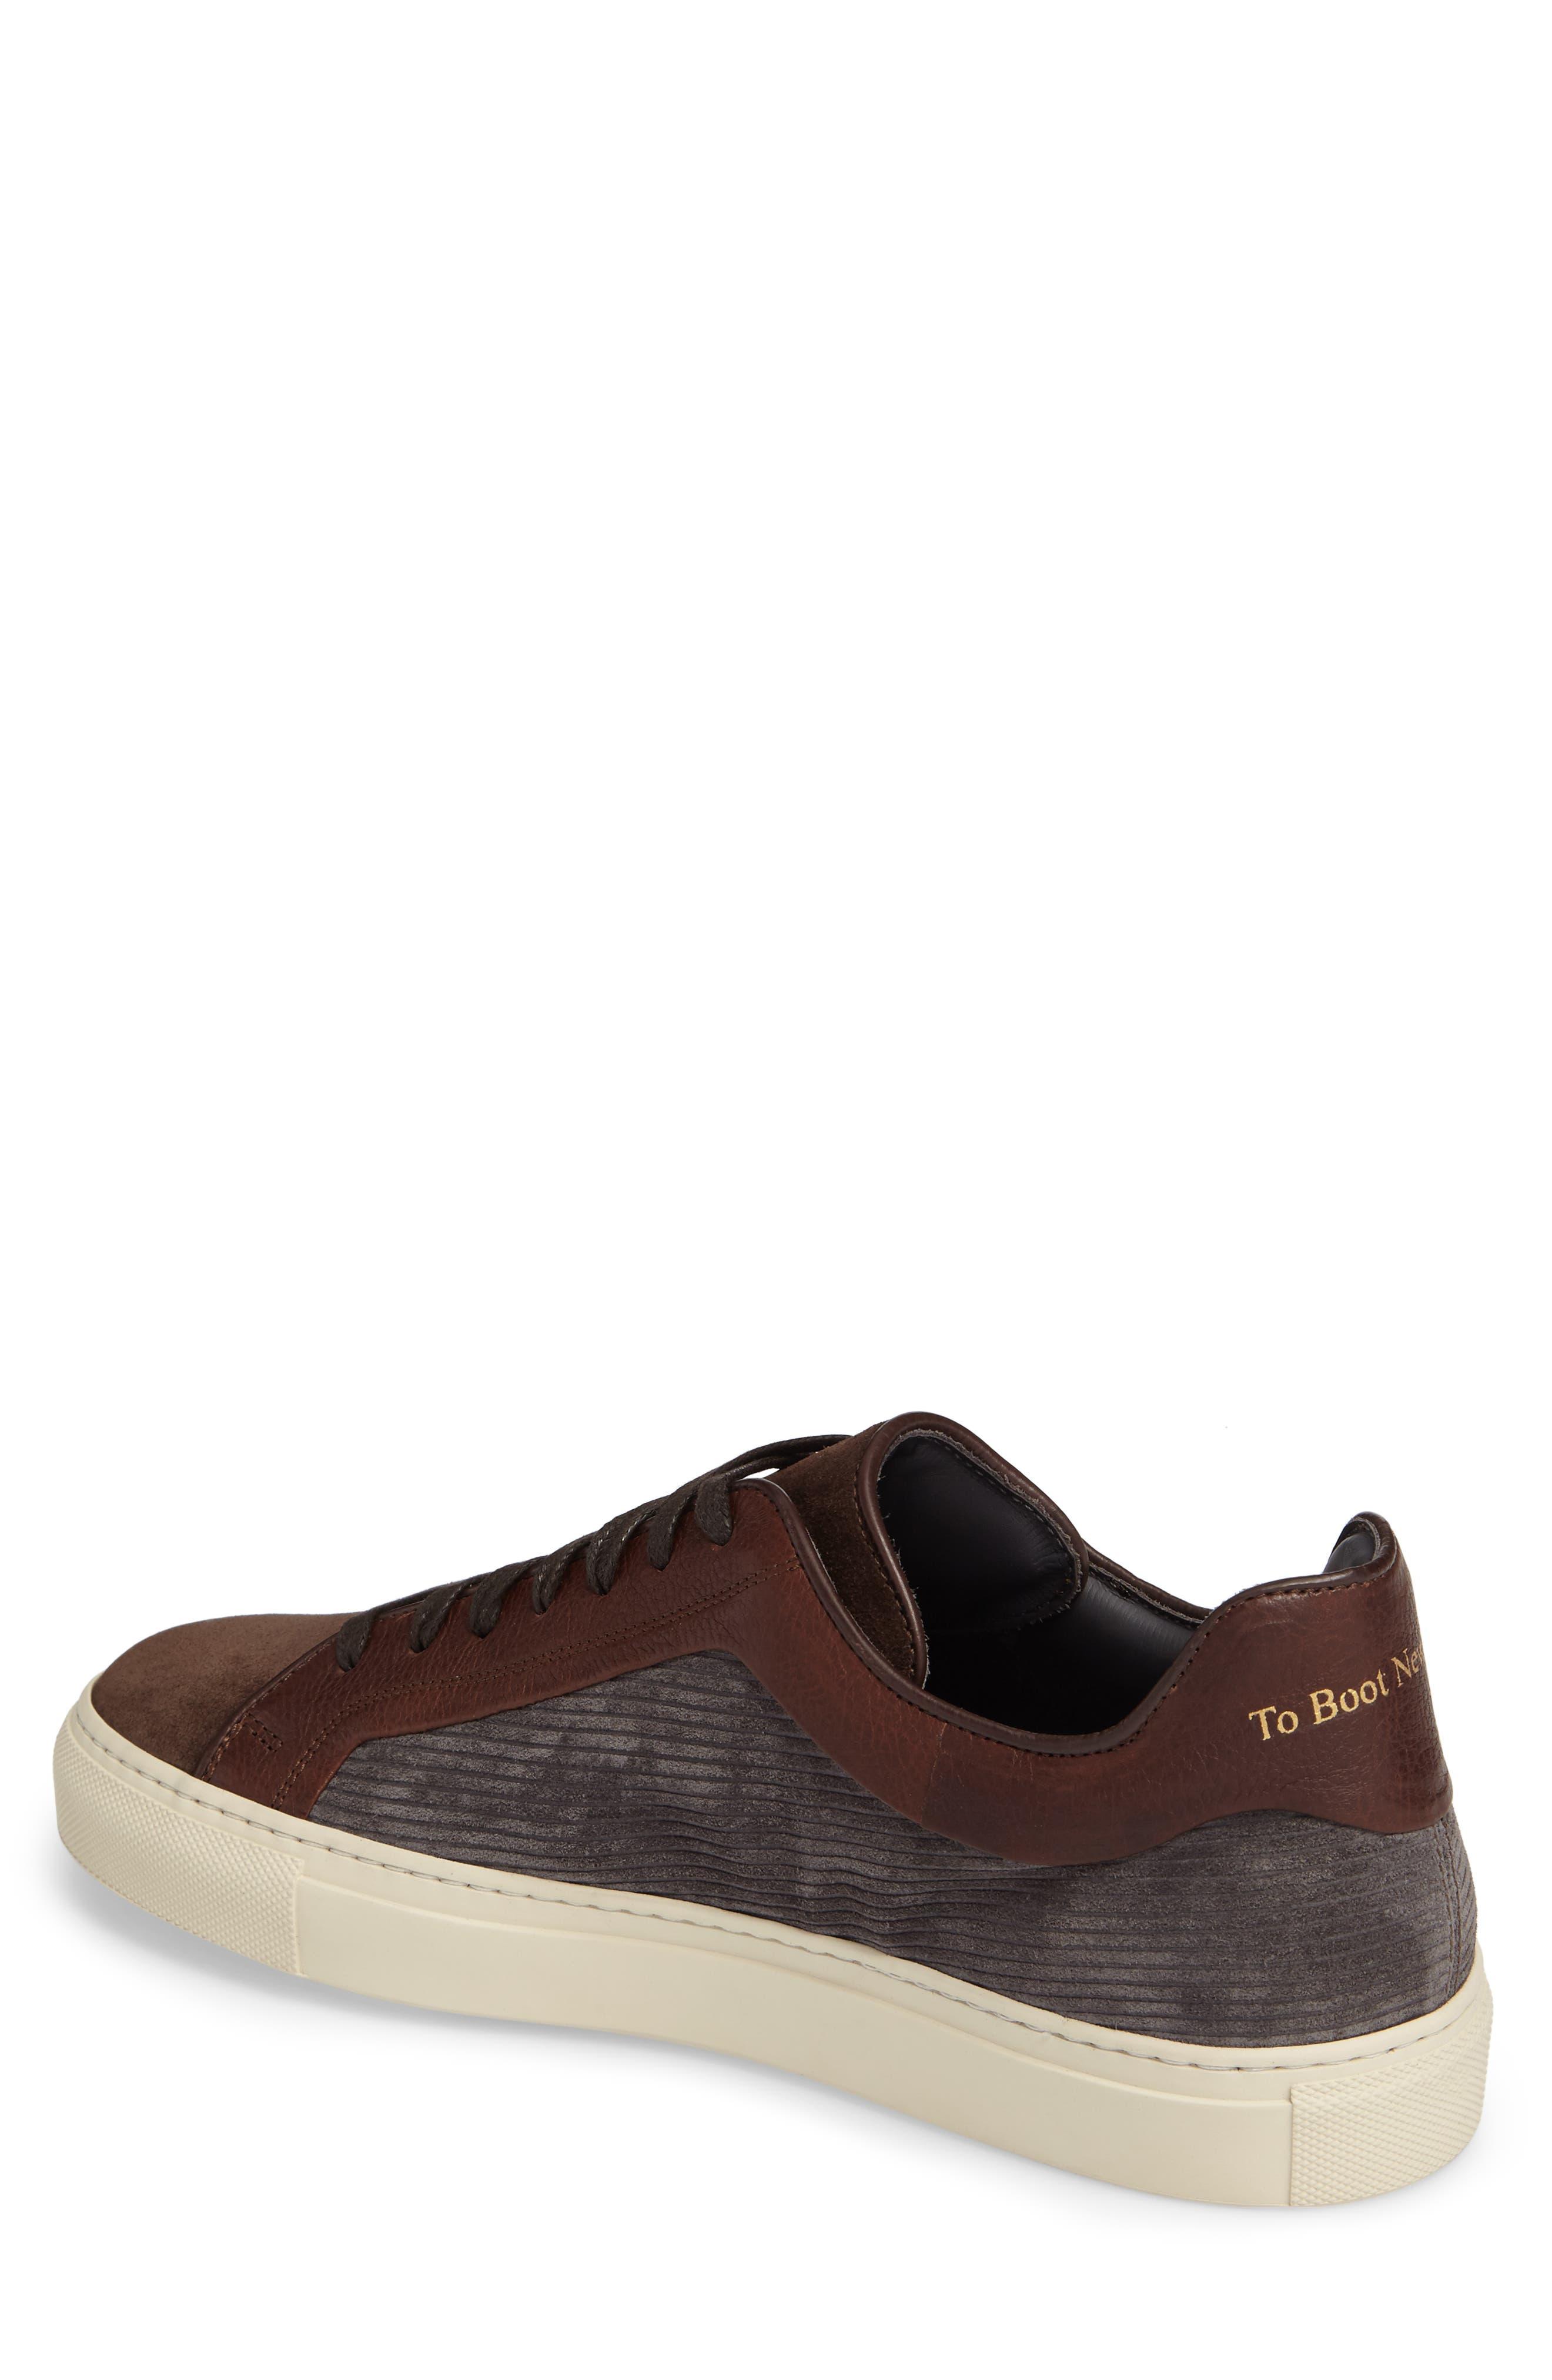 Marshall Sneaker,                             Alternate thumbnail 12, color,